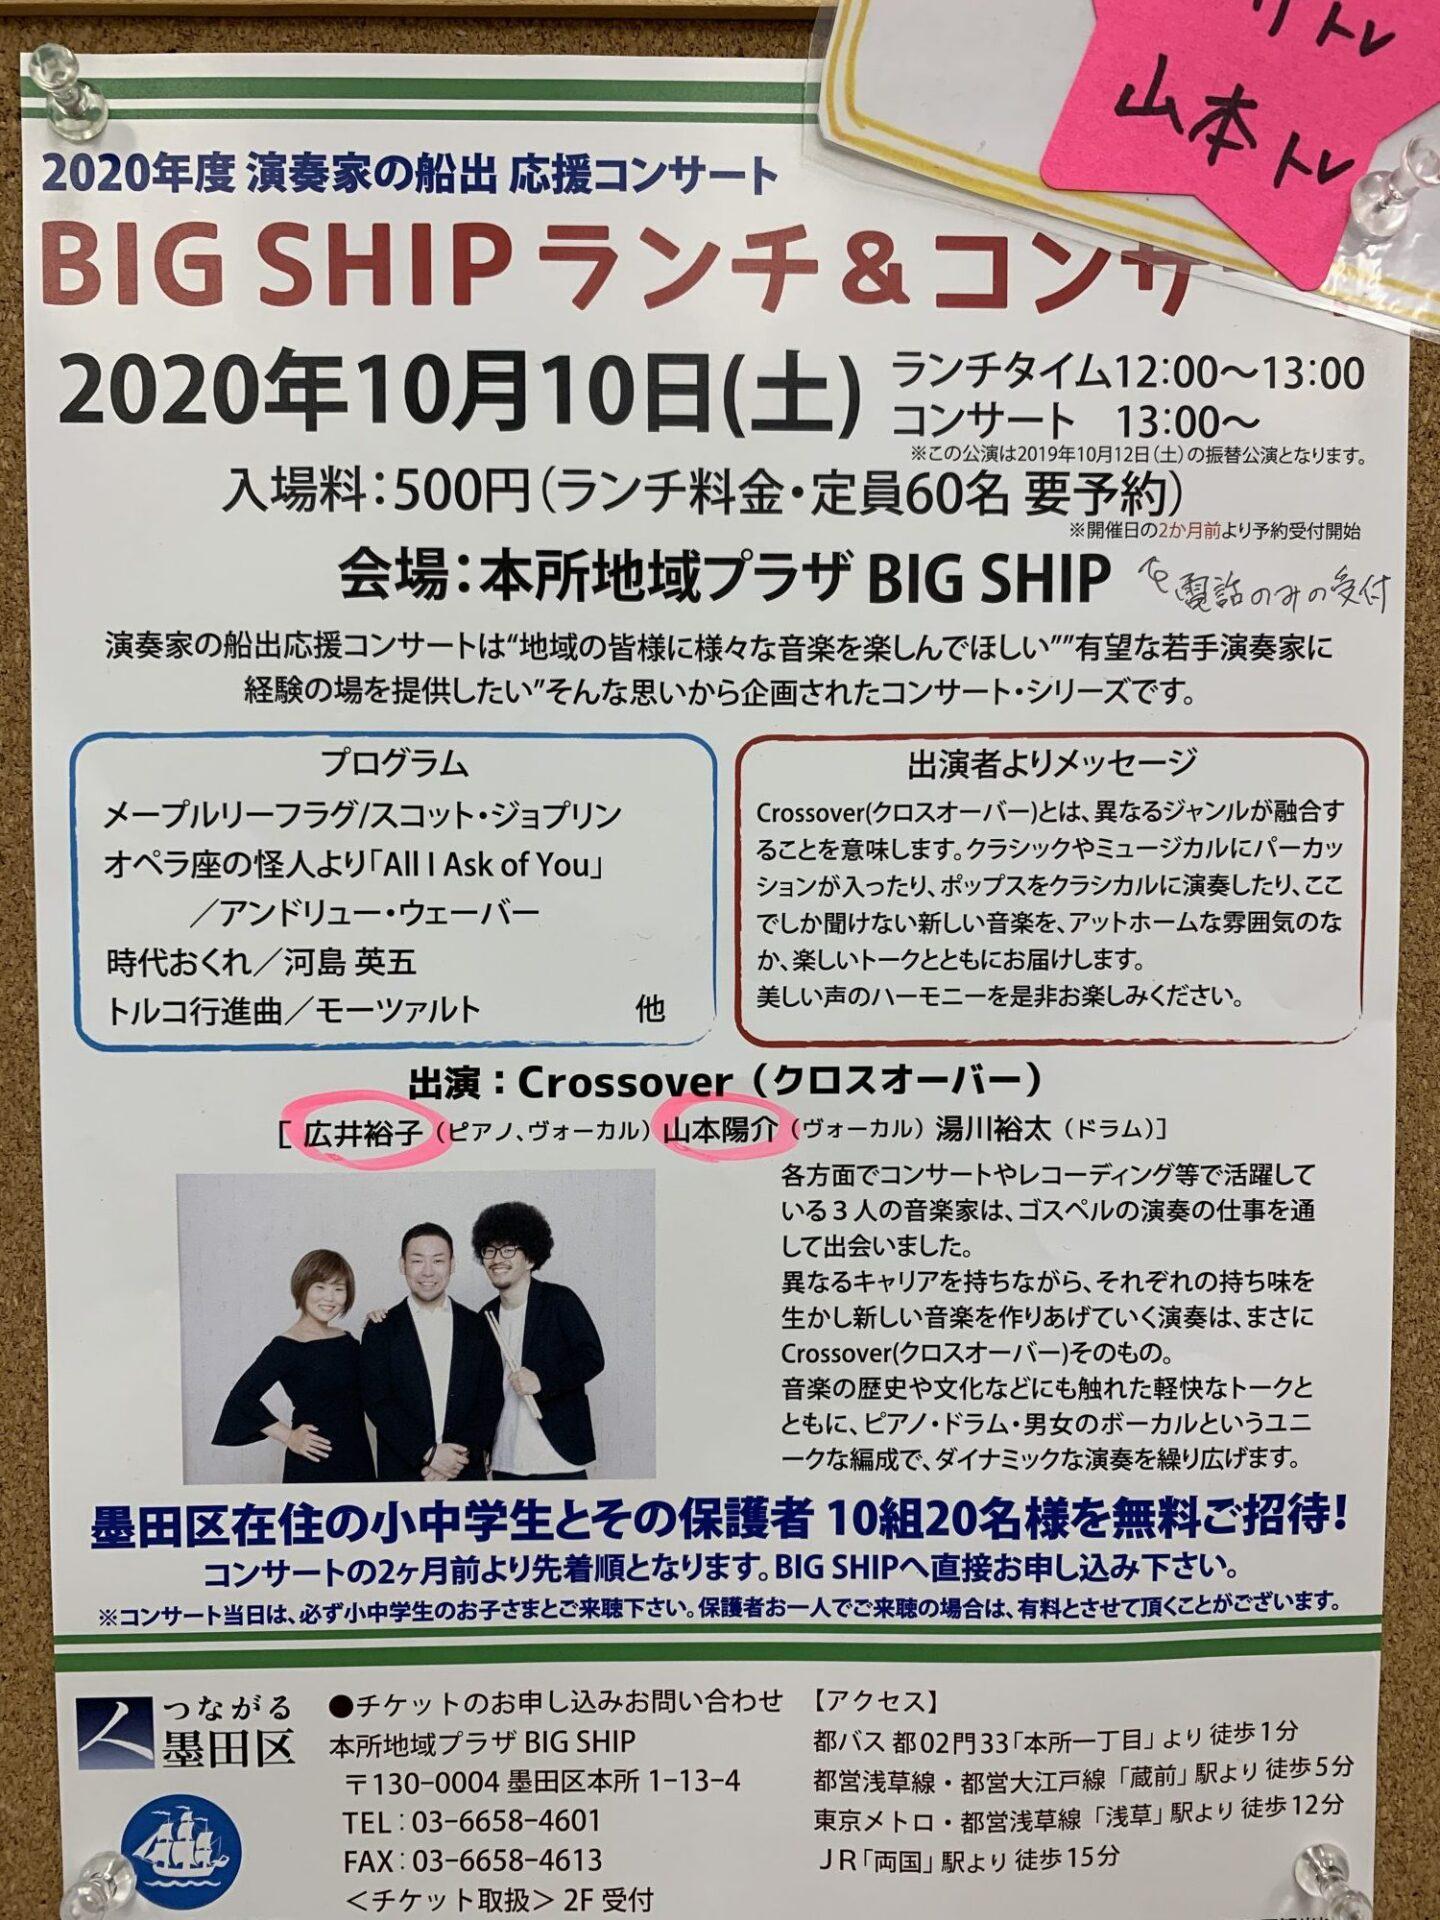 所属トレーナー ライブ&コンサート最新情報 20年9月~